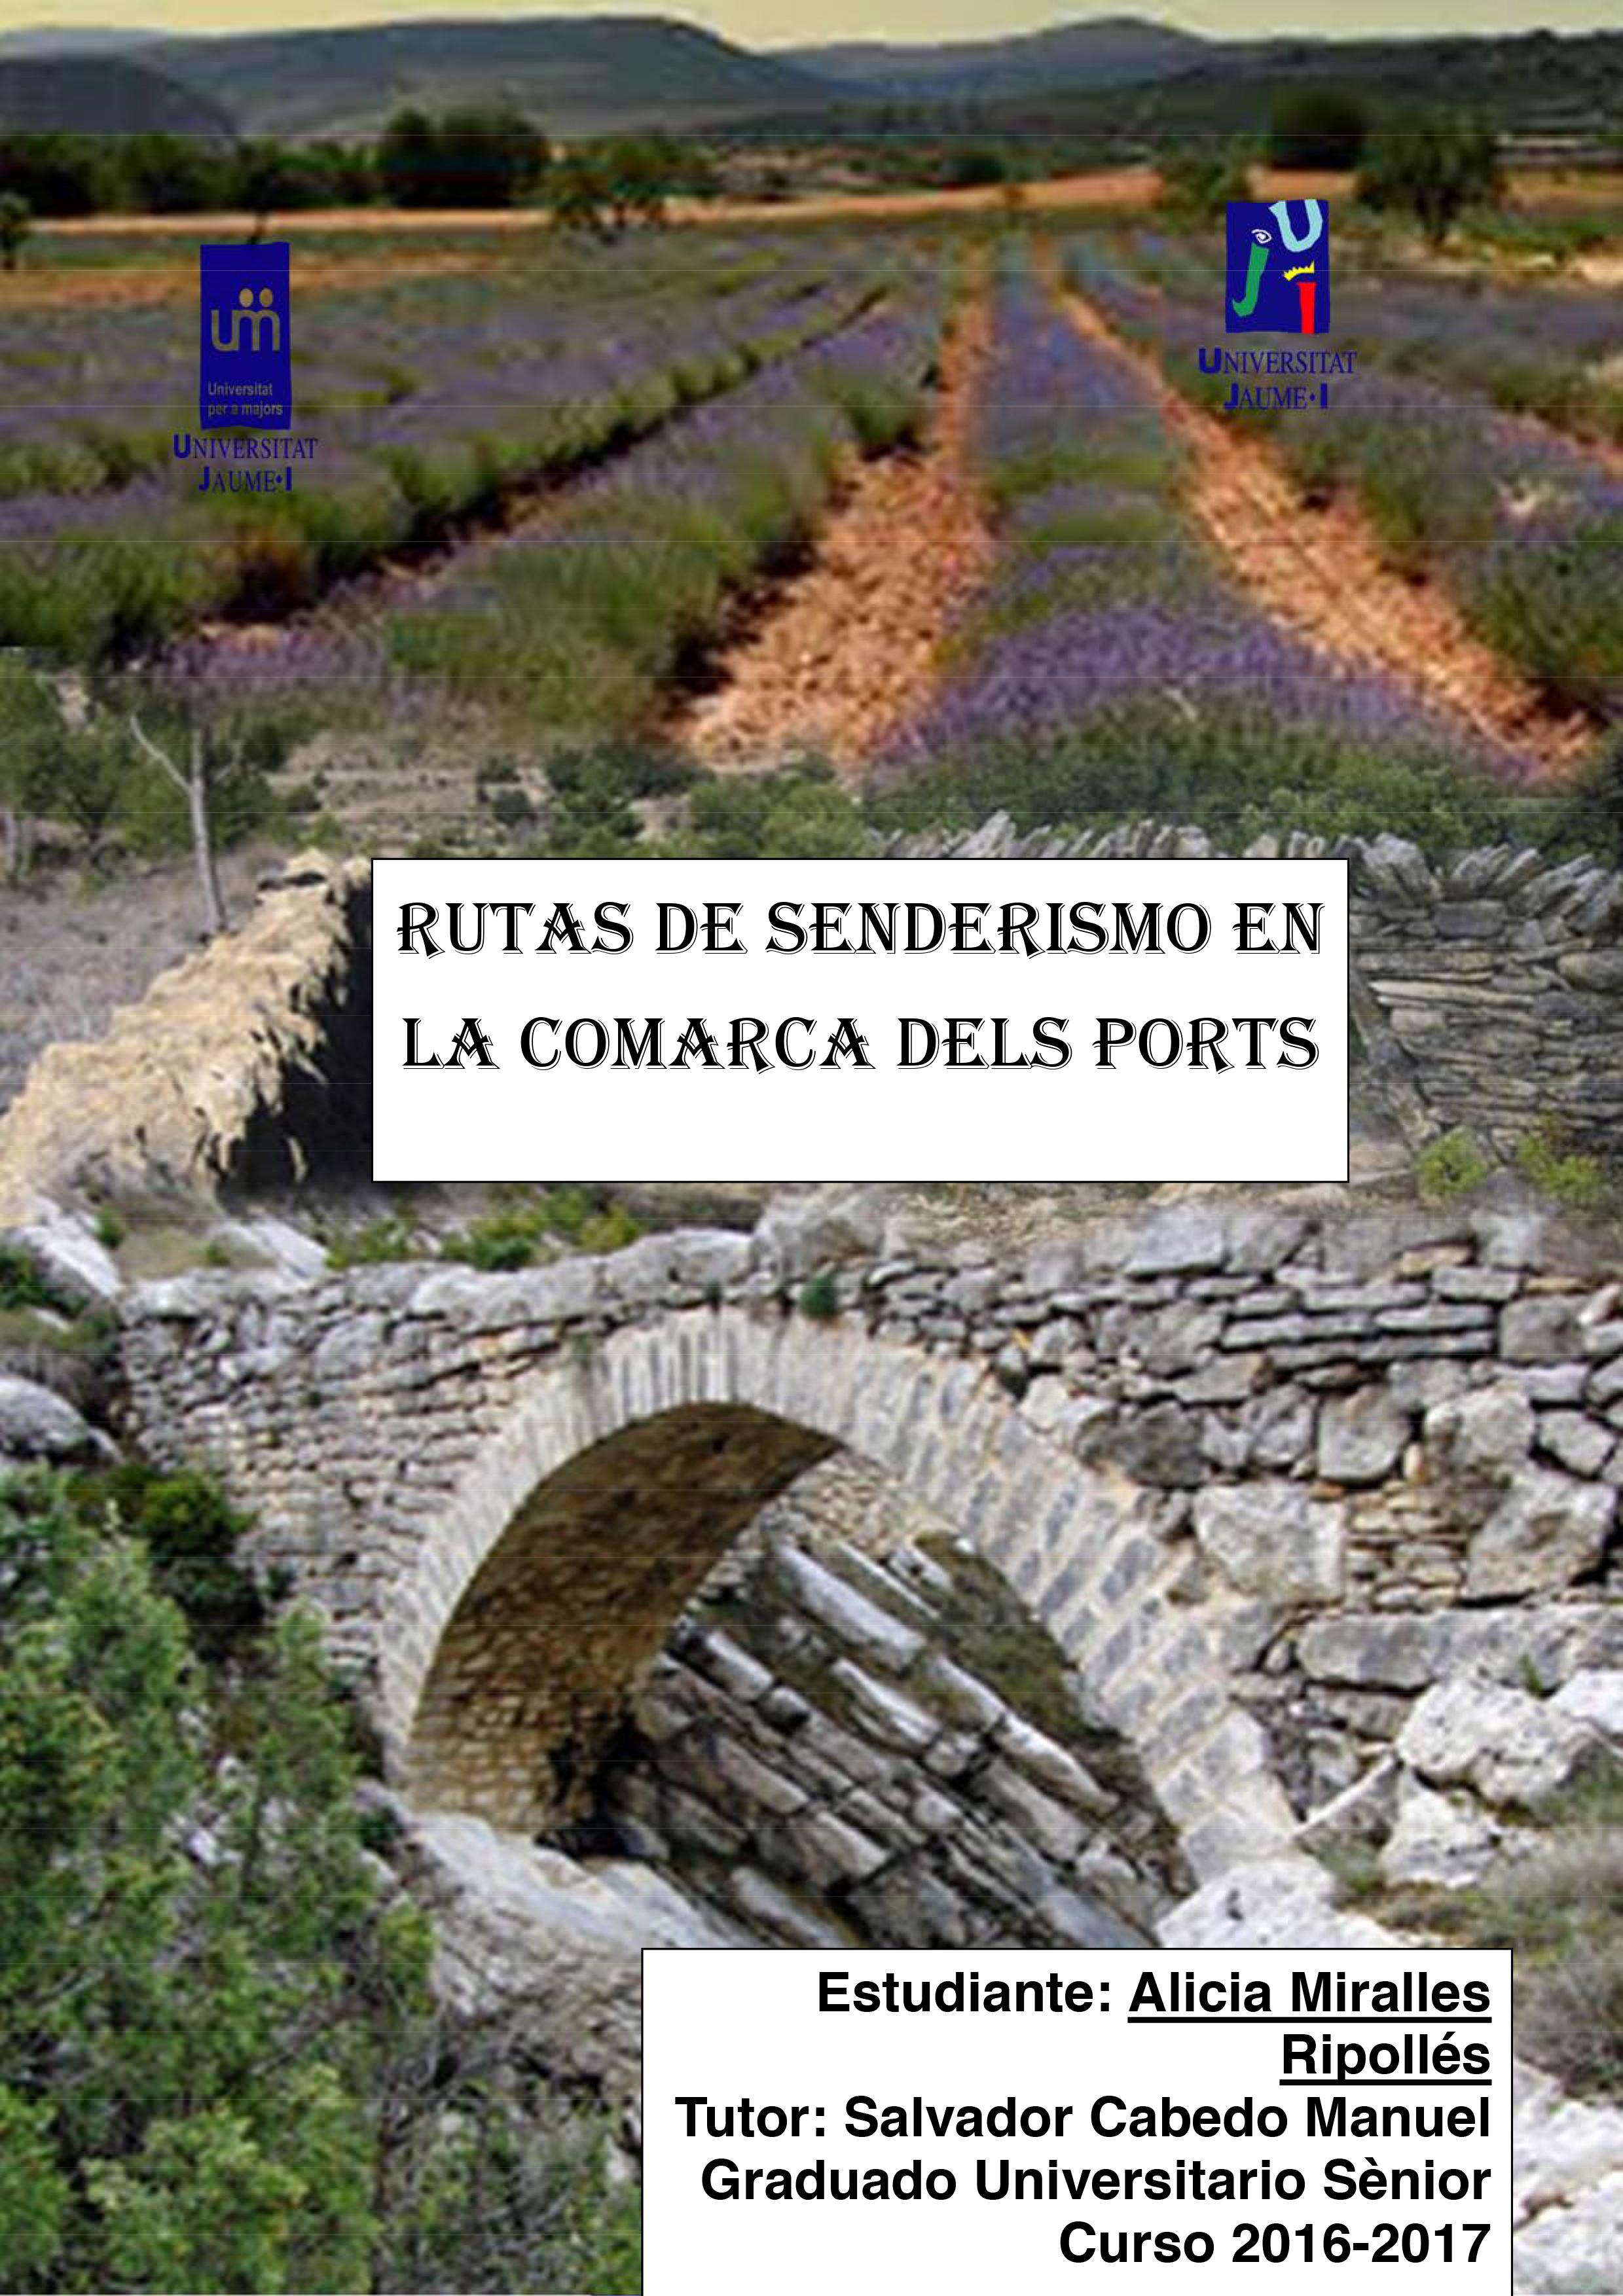 RUTAS-DE-SENDERISMO-DE-LA-COMARCA-DELS-PORTS.FINAL_.Con-portada-Reducido